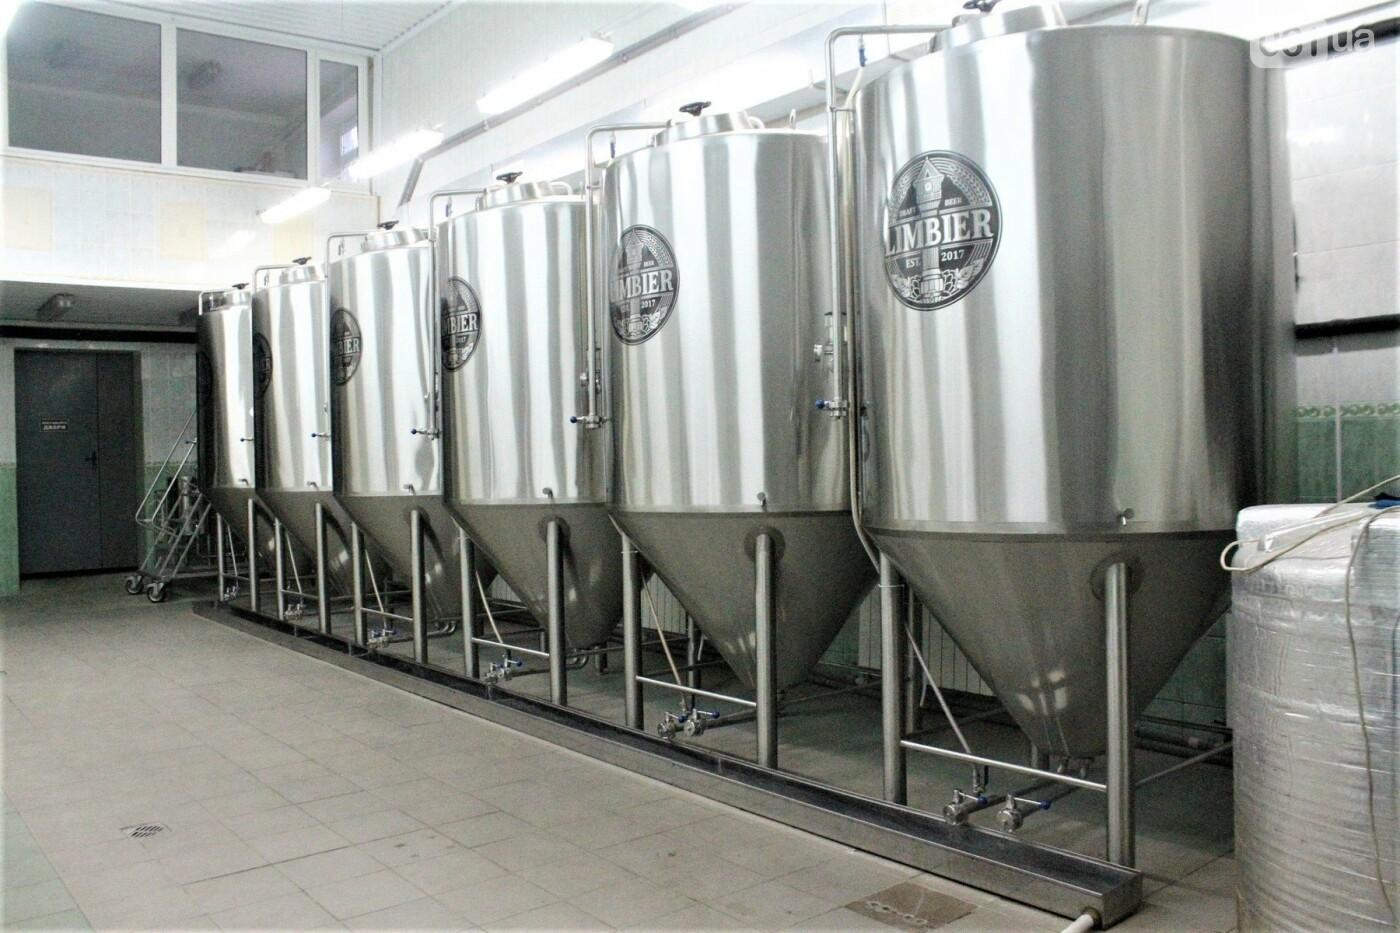 Как в Запорожье готовят крафтовое пиво «Limbier»: экскурсия на производство, – ФОТОРЕПОРТАЖ, фото-13